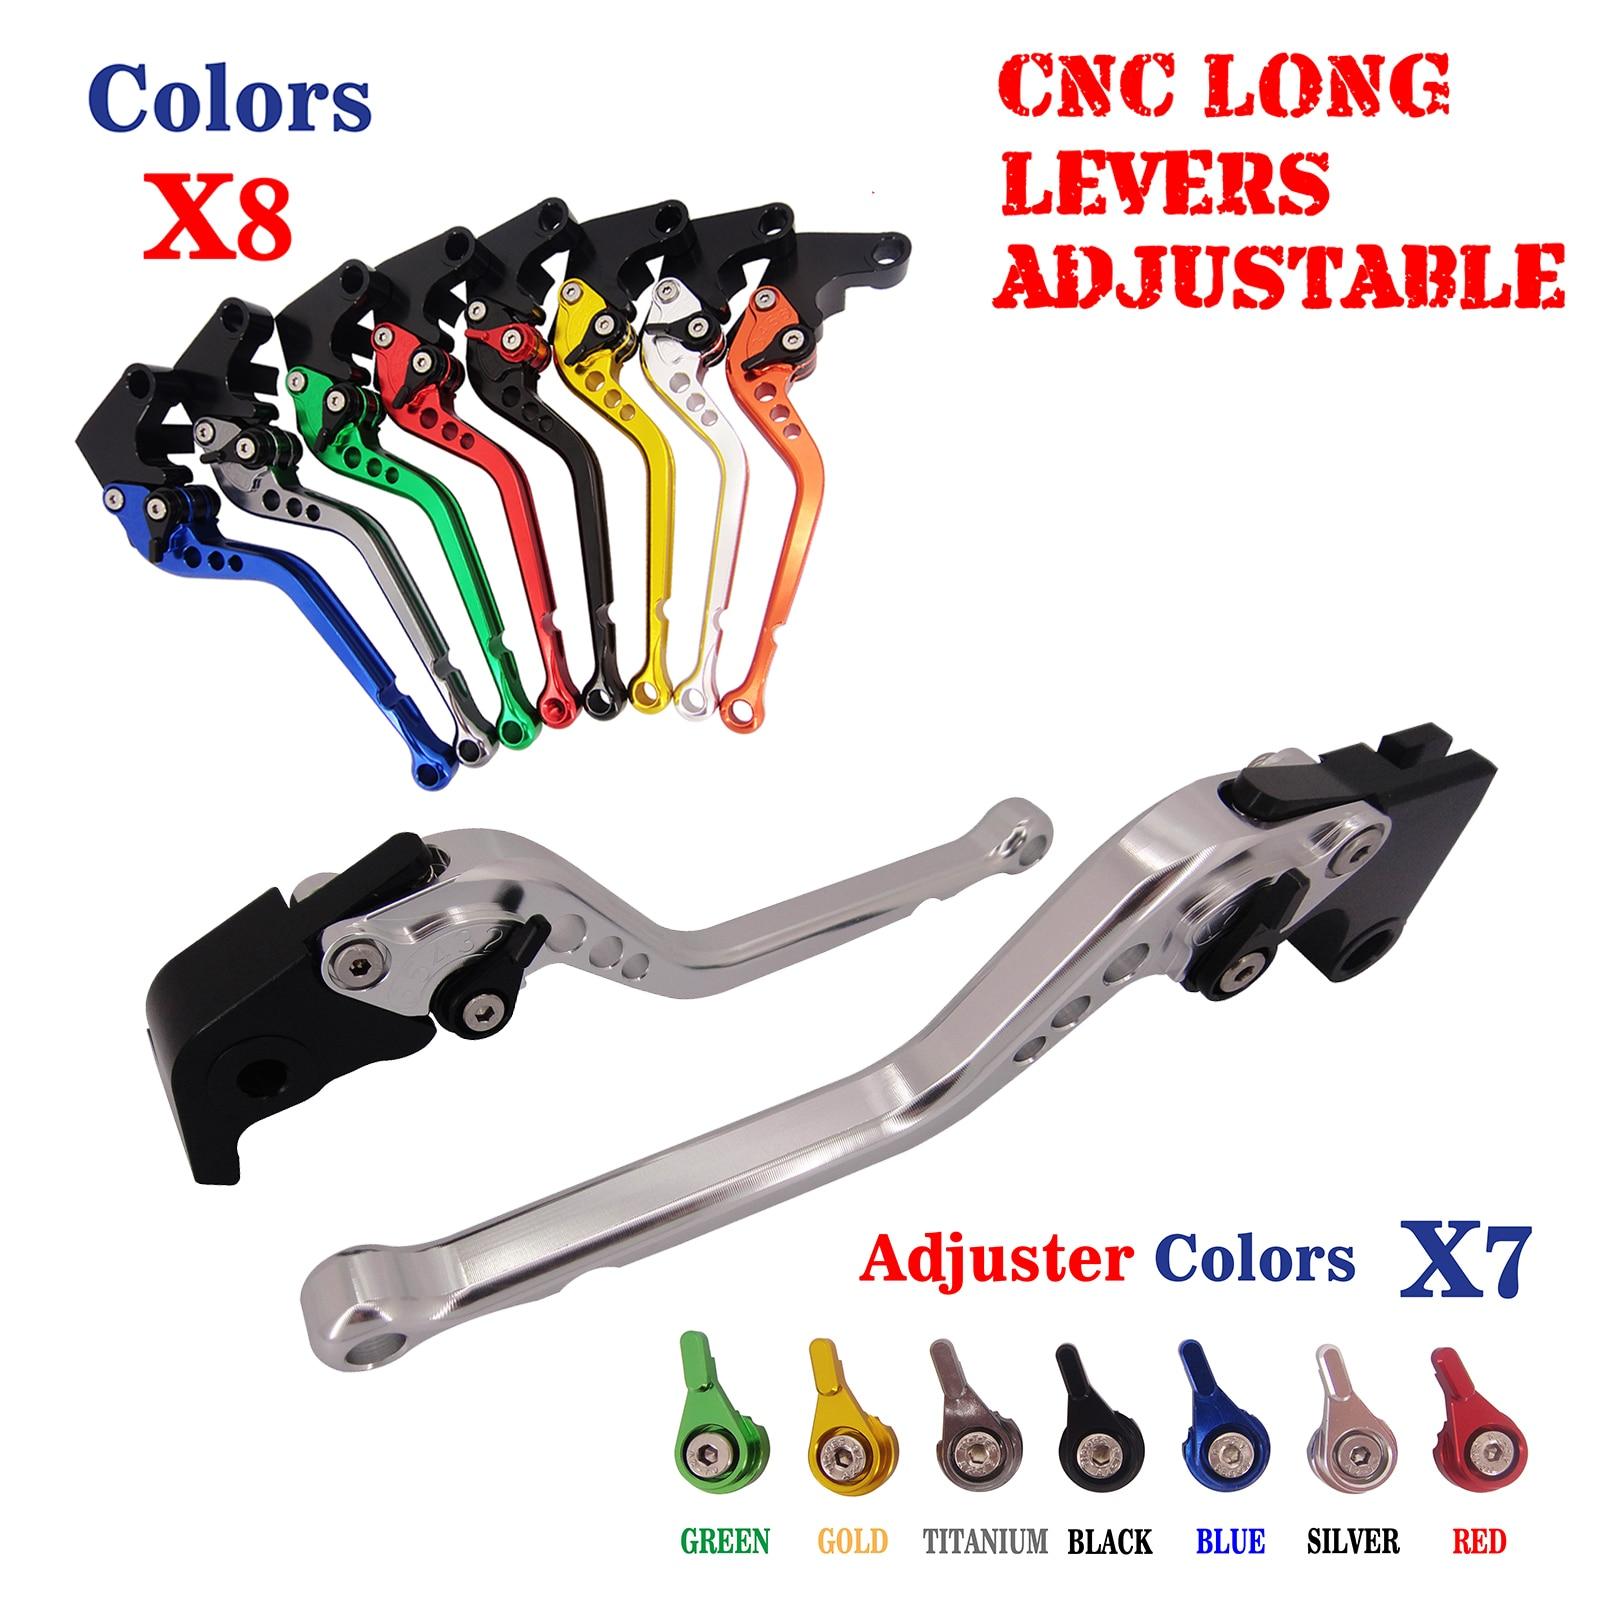 For Aprilia SHIVER 750 GT 2007-2014  CNC Long  Adjustable Brake Clutch Levers cnc billet adjustable folding brake clutch levers for aprilia dorsoduro 750 factory shiver gt 750 07 14 08 09 10 11 12 2013